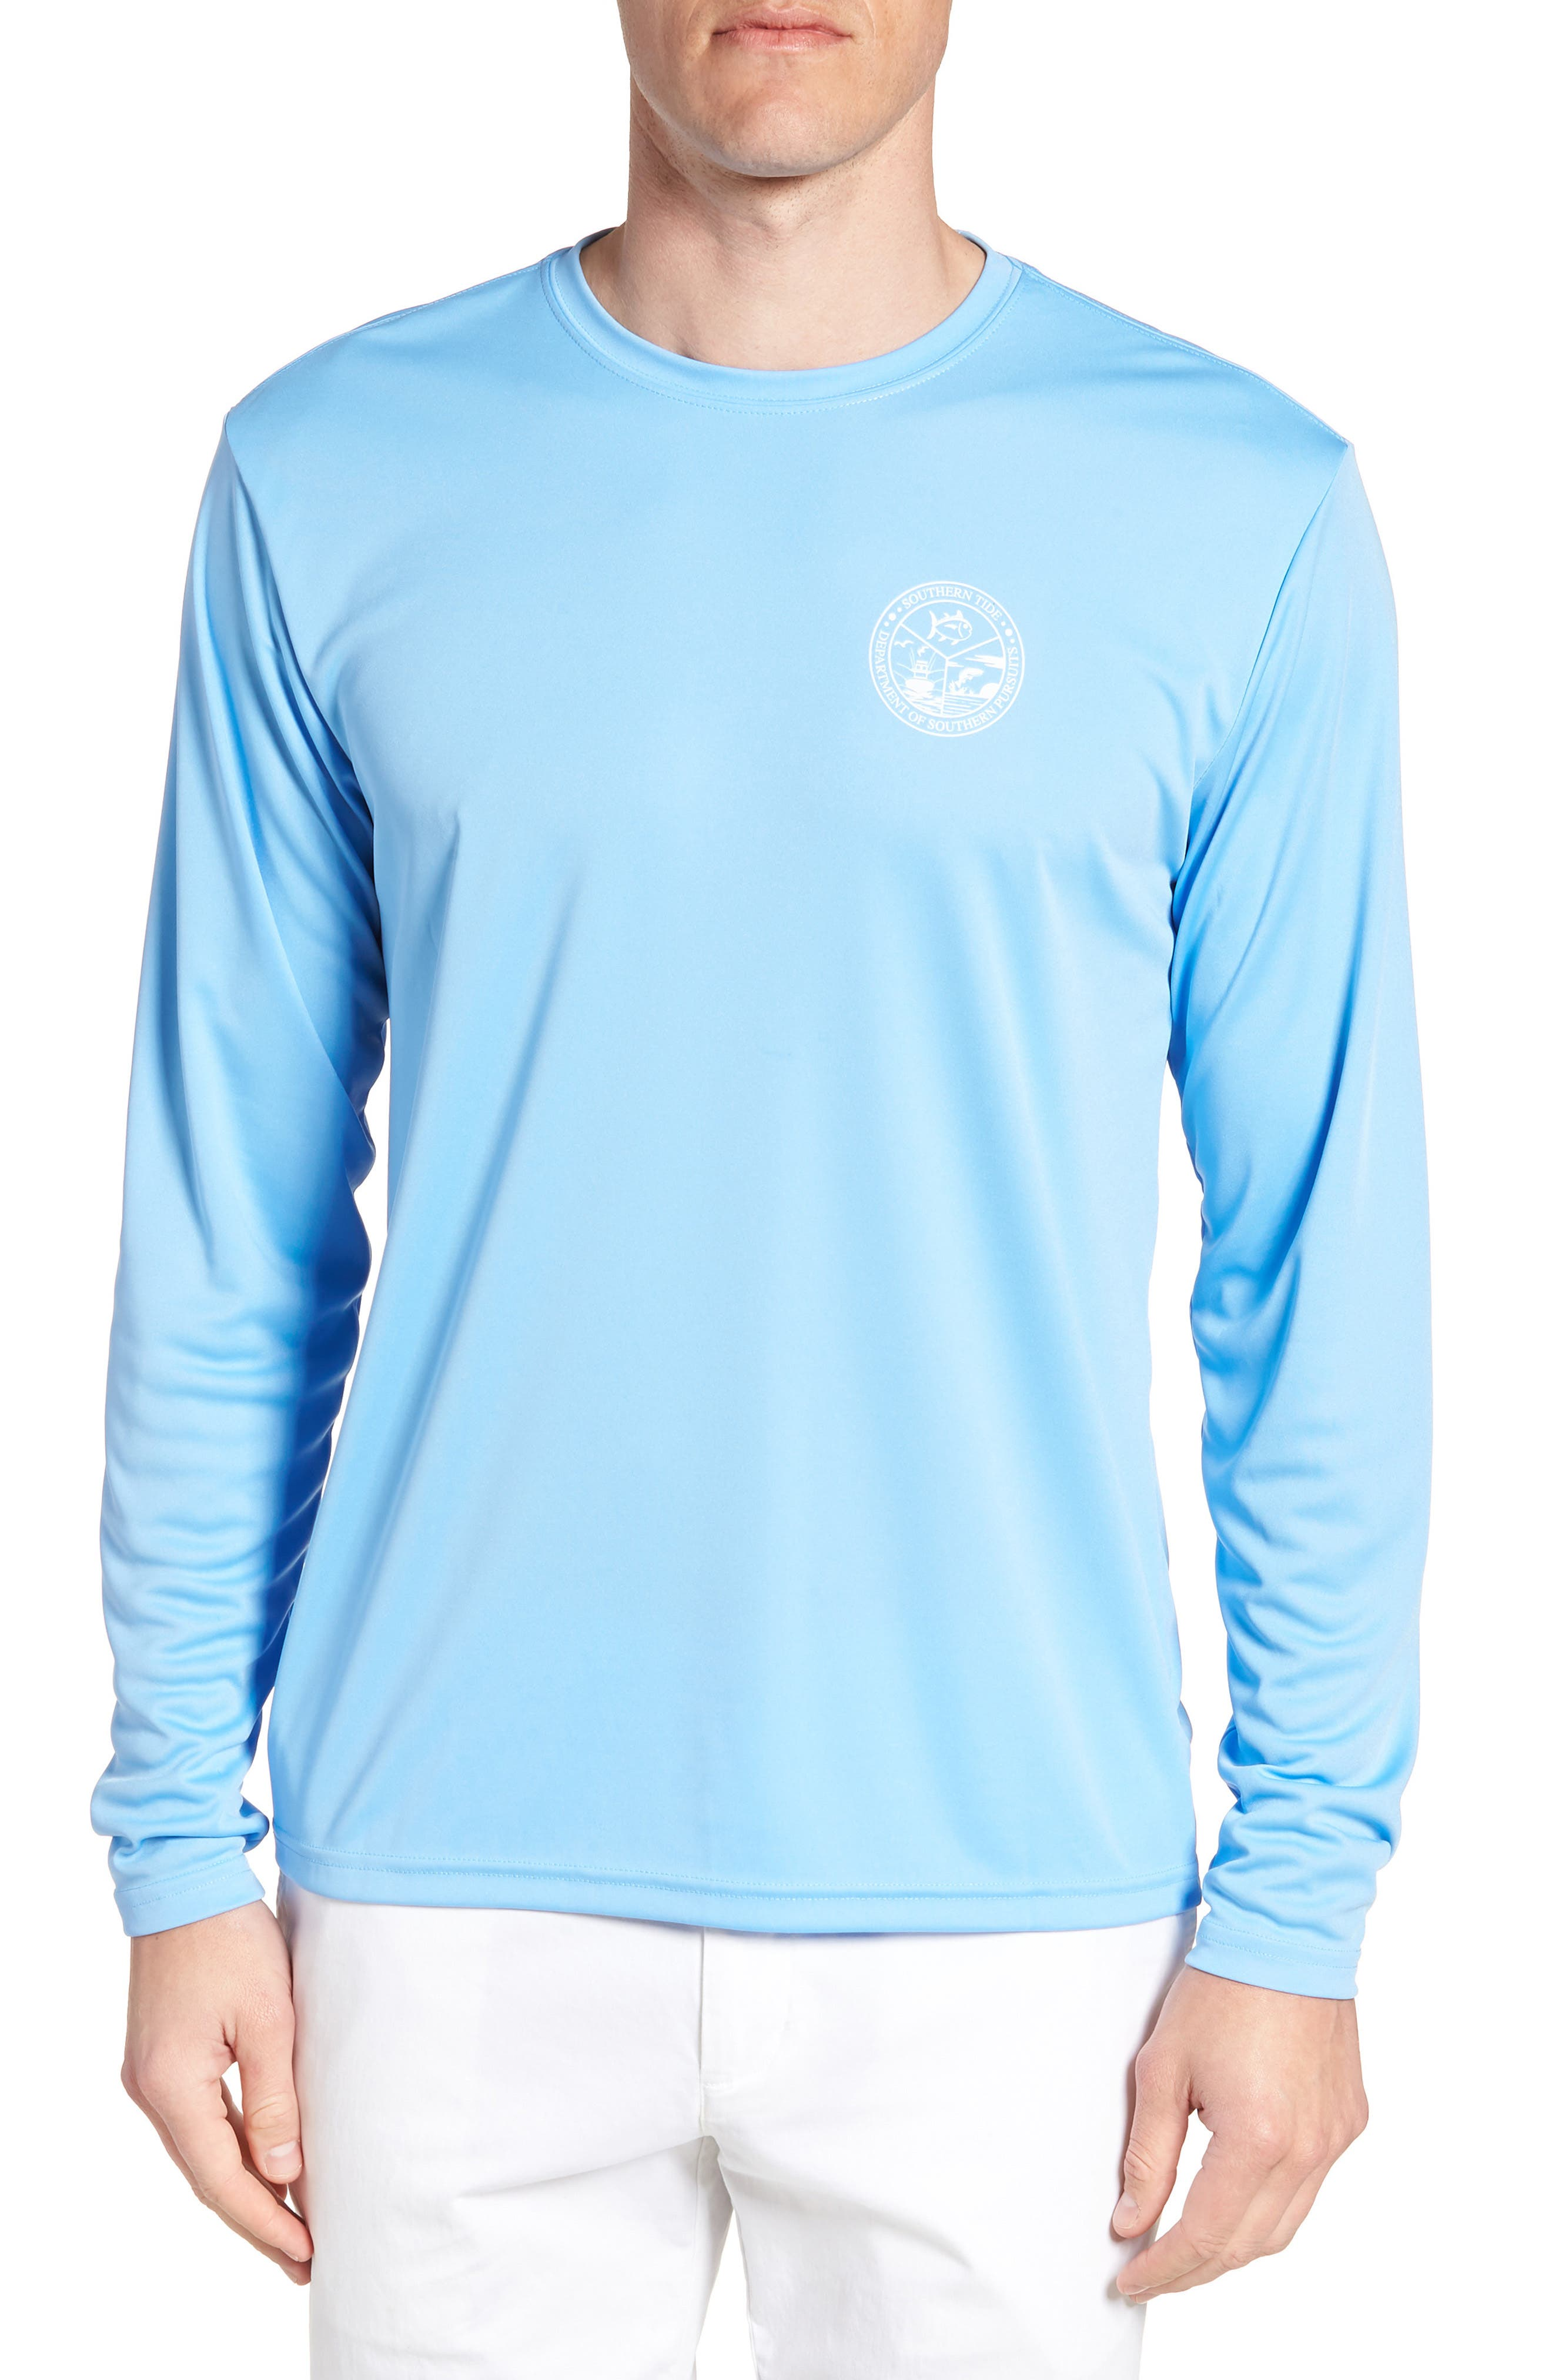 Southern Pursuit Performance T-Shirt,                         Main,                         color, Ocean Channel